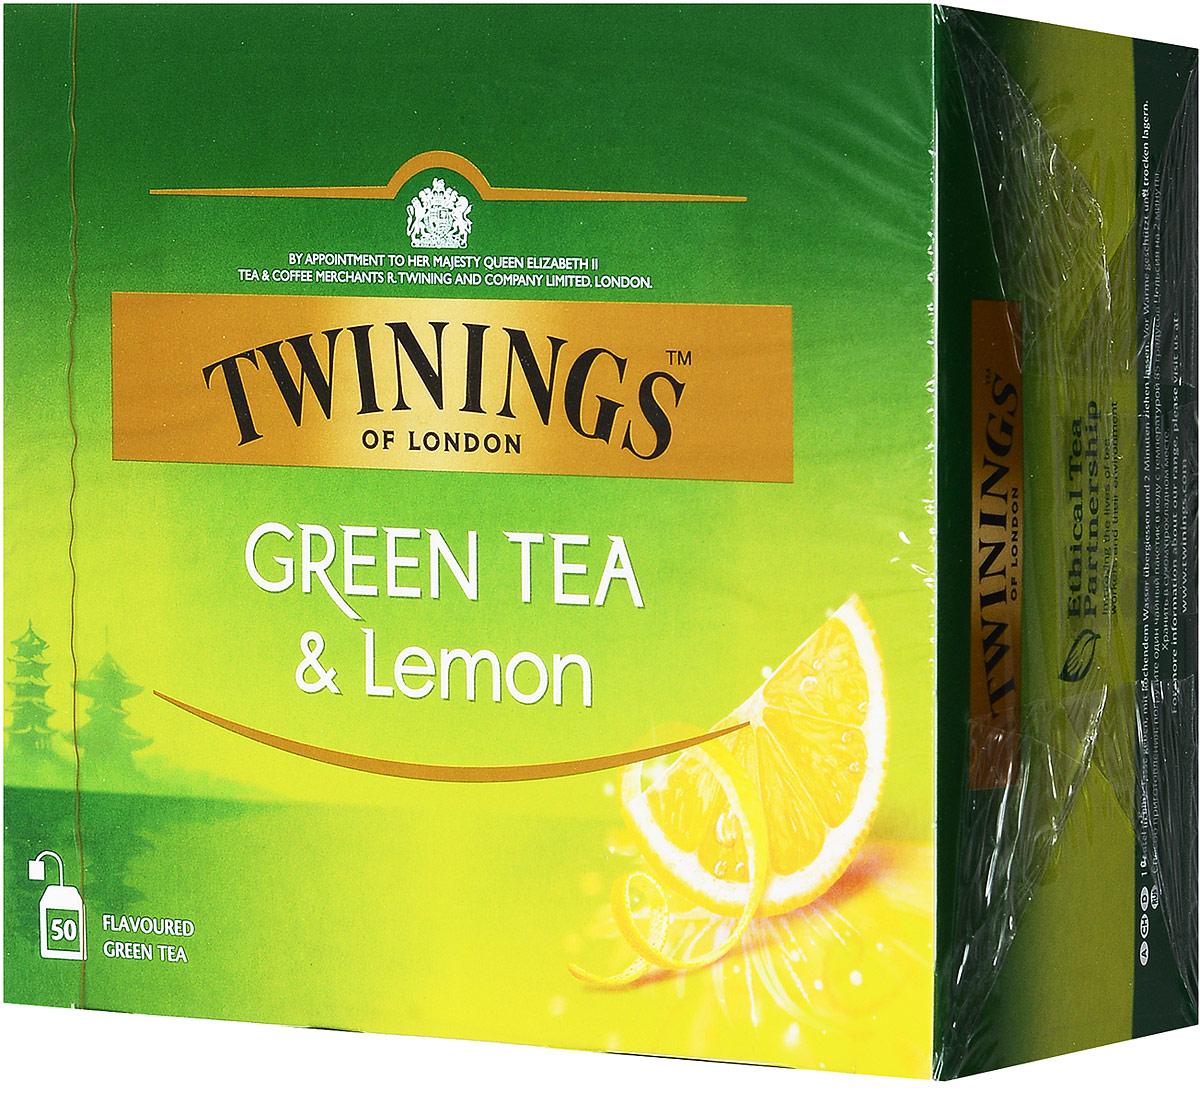 Twinings Green Tea & Lemon зелёный чай с цедрой лимона в пакетиках, 50 шт070177173227Twinings Green Tea & Lemon - уникальная смесь зеленого чая с добавлением лимонной цедры. Неповторимый вкус этого чая не оставит никого равнодушным.